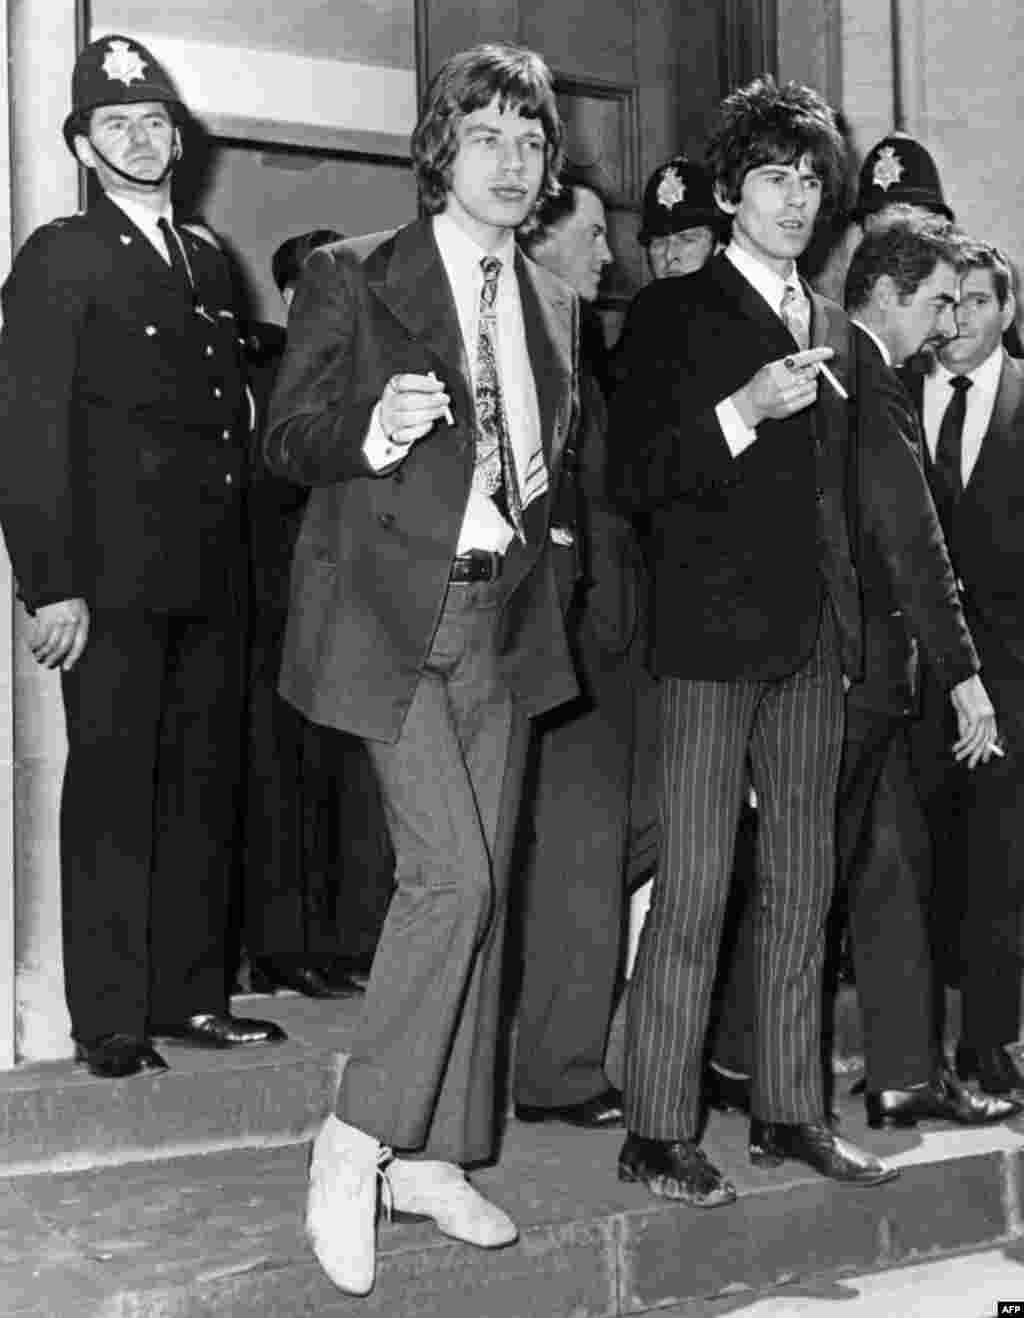 1967 წელი. ჯაგერი და რიჩარდსი ტოვებენ სასამართლოს შენობას ინგლისის ქალაქ ჩიჩესტერში. რიჩარდსის სახლში ჩატარებული ჩხრეკის შემდეგ მათ ბრალი დასდეს ნარკოტიკების შენახვაში.